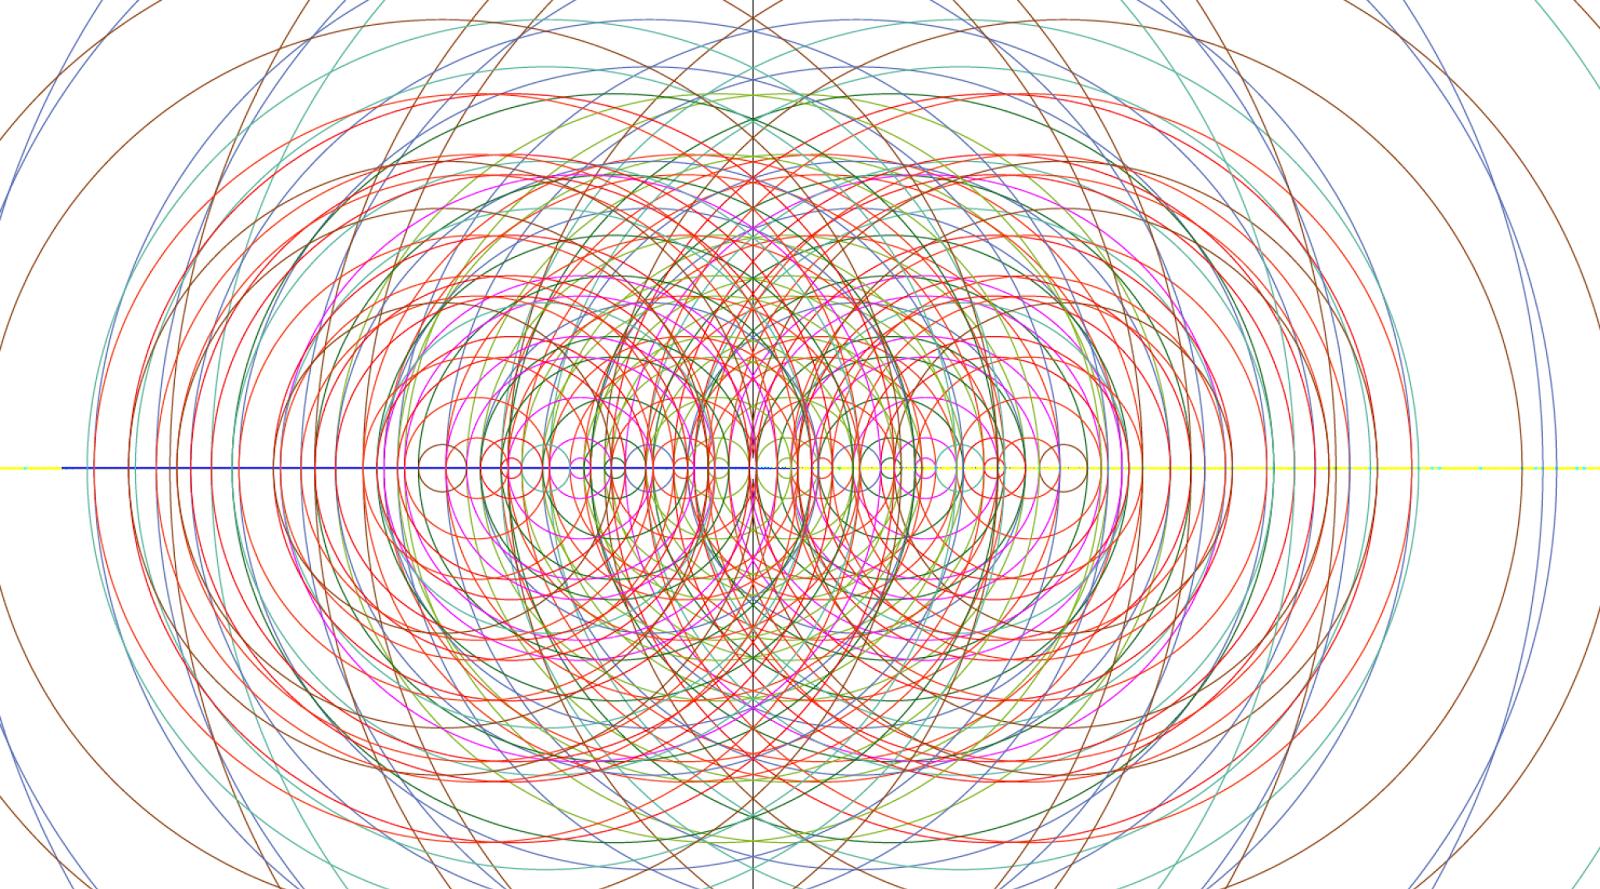 Prime Number Pattern Cool Design Inspiration